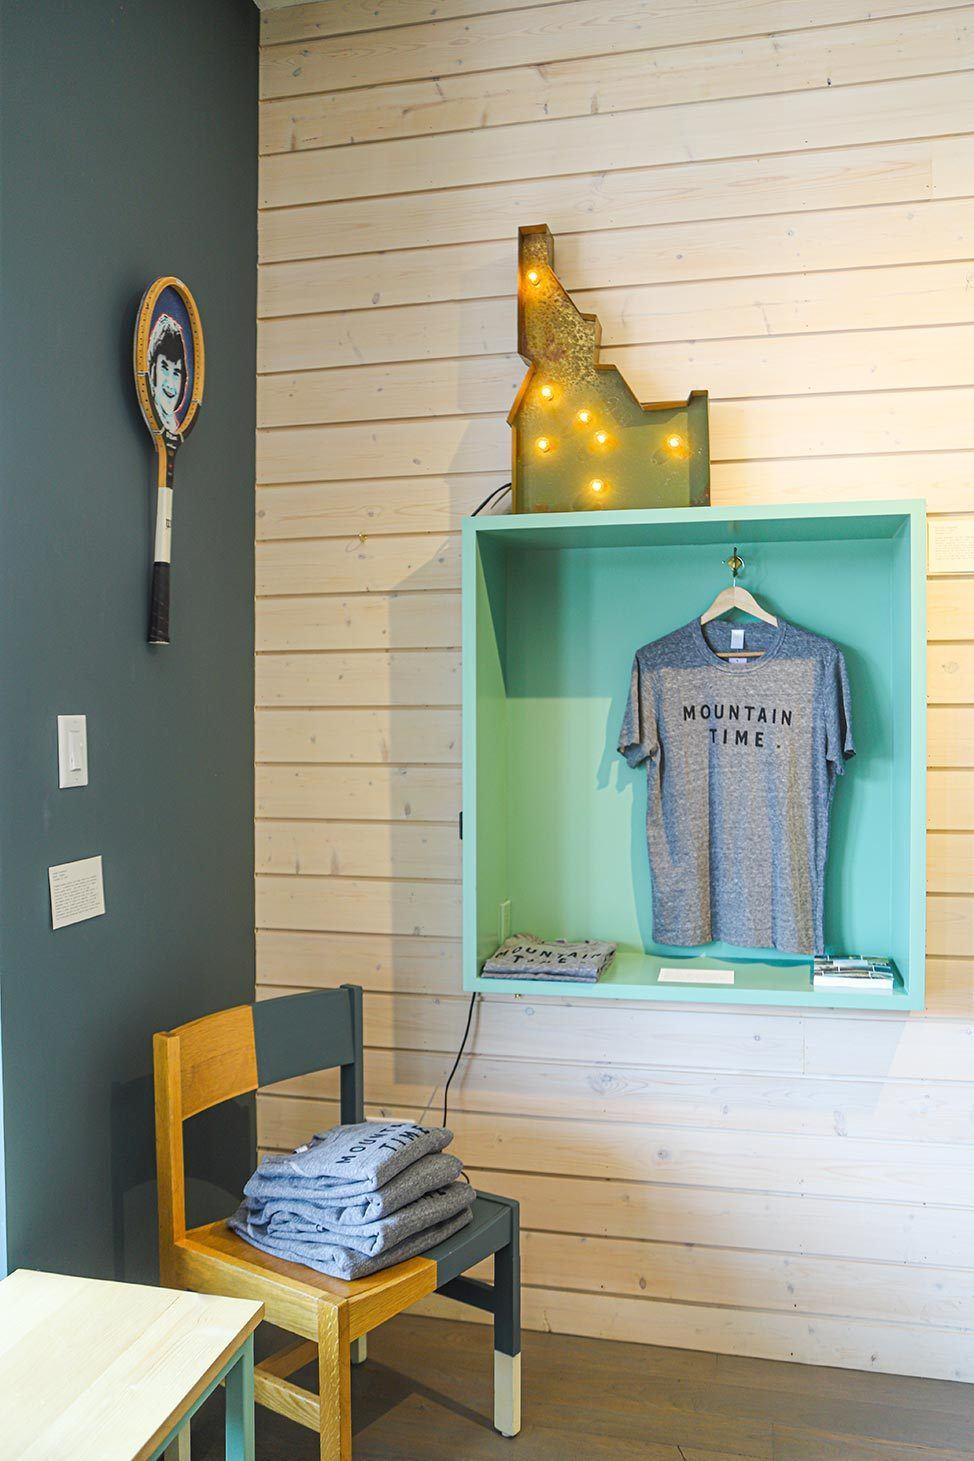 Independent Goods, Ketchum, Idaho